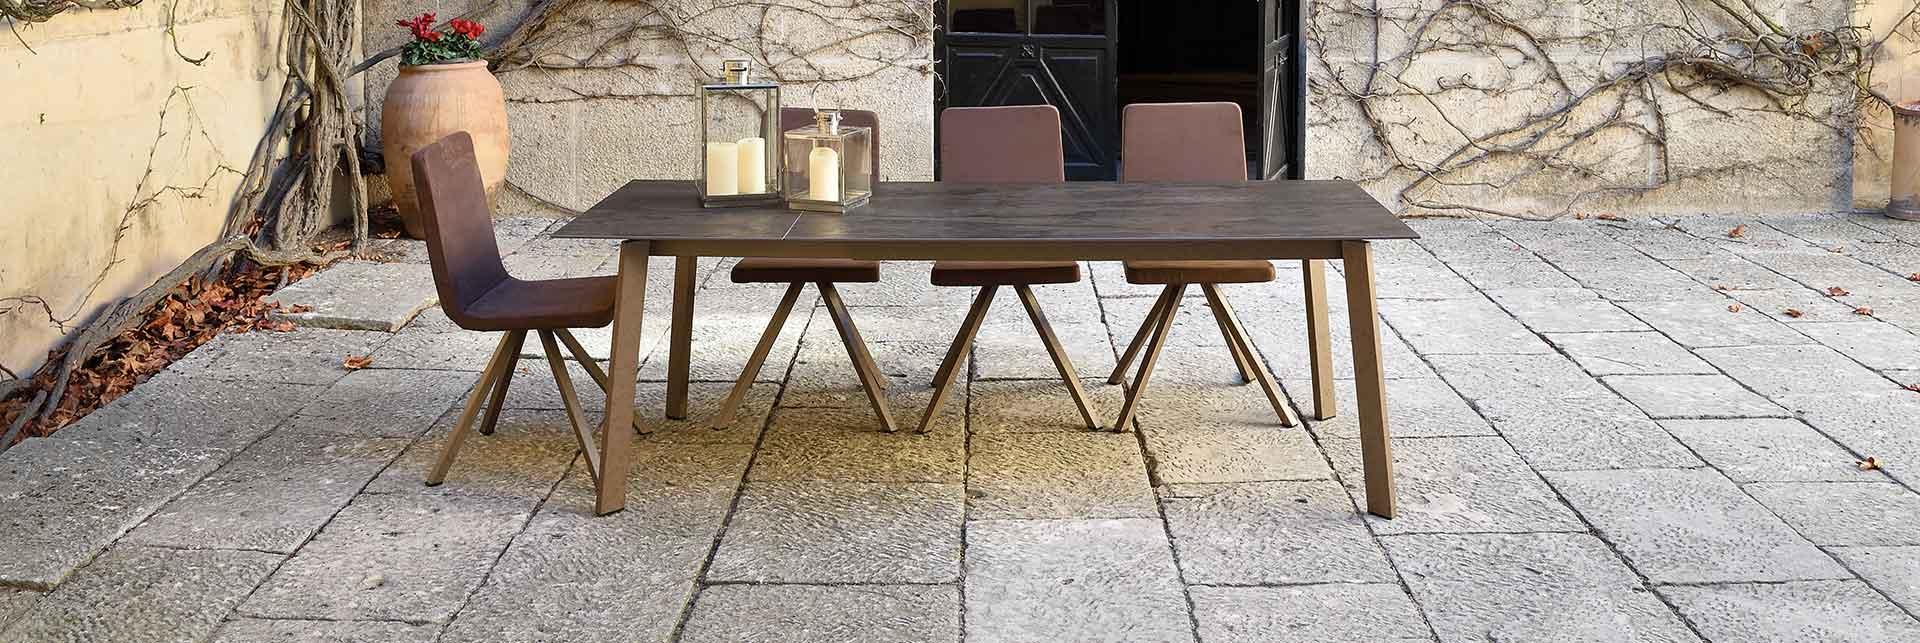 Ambient designer dining table with ceramic Dekton top